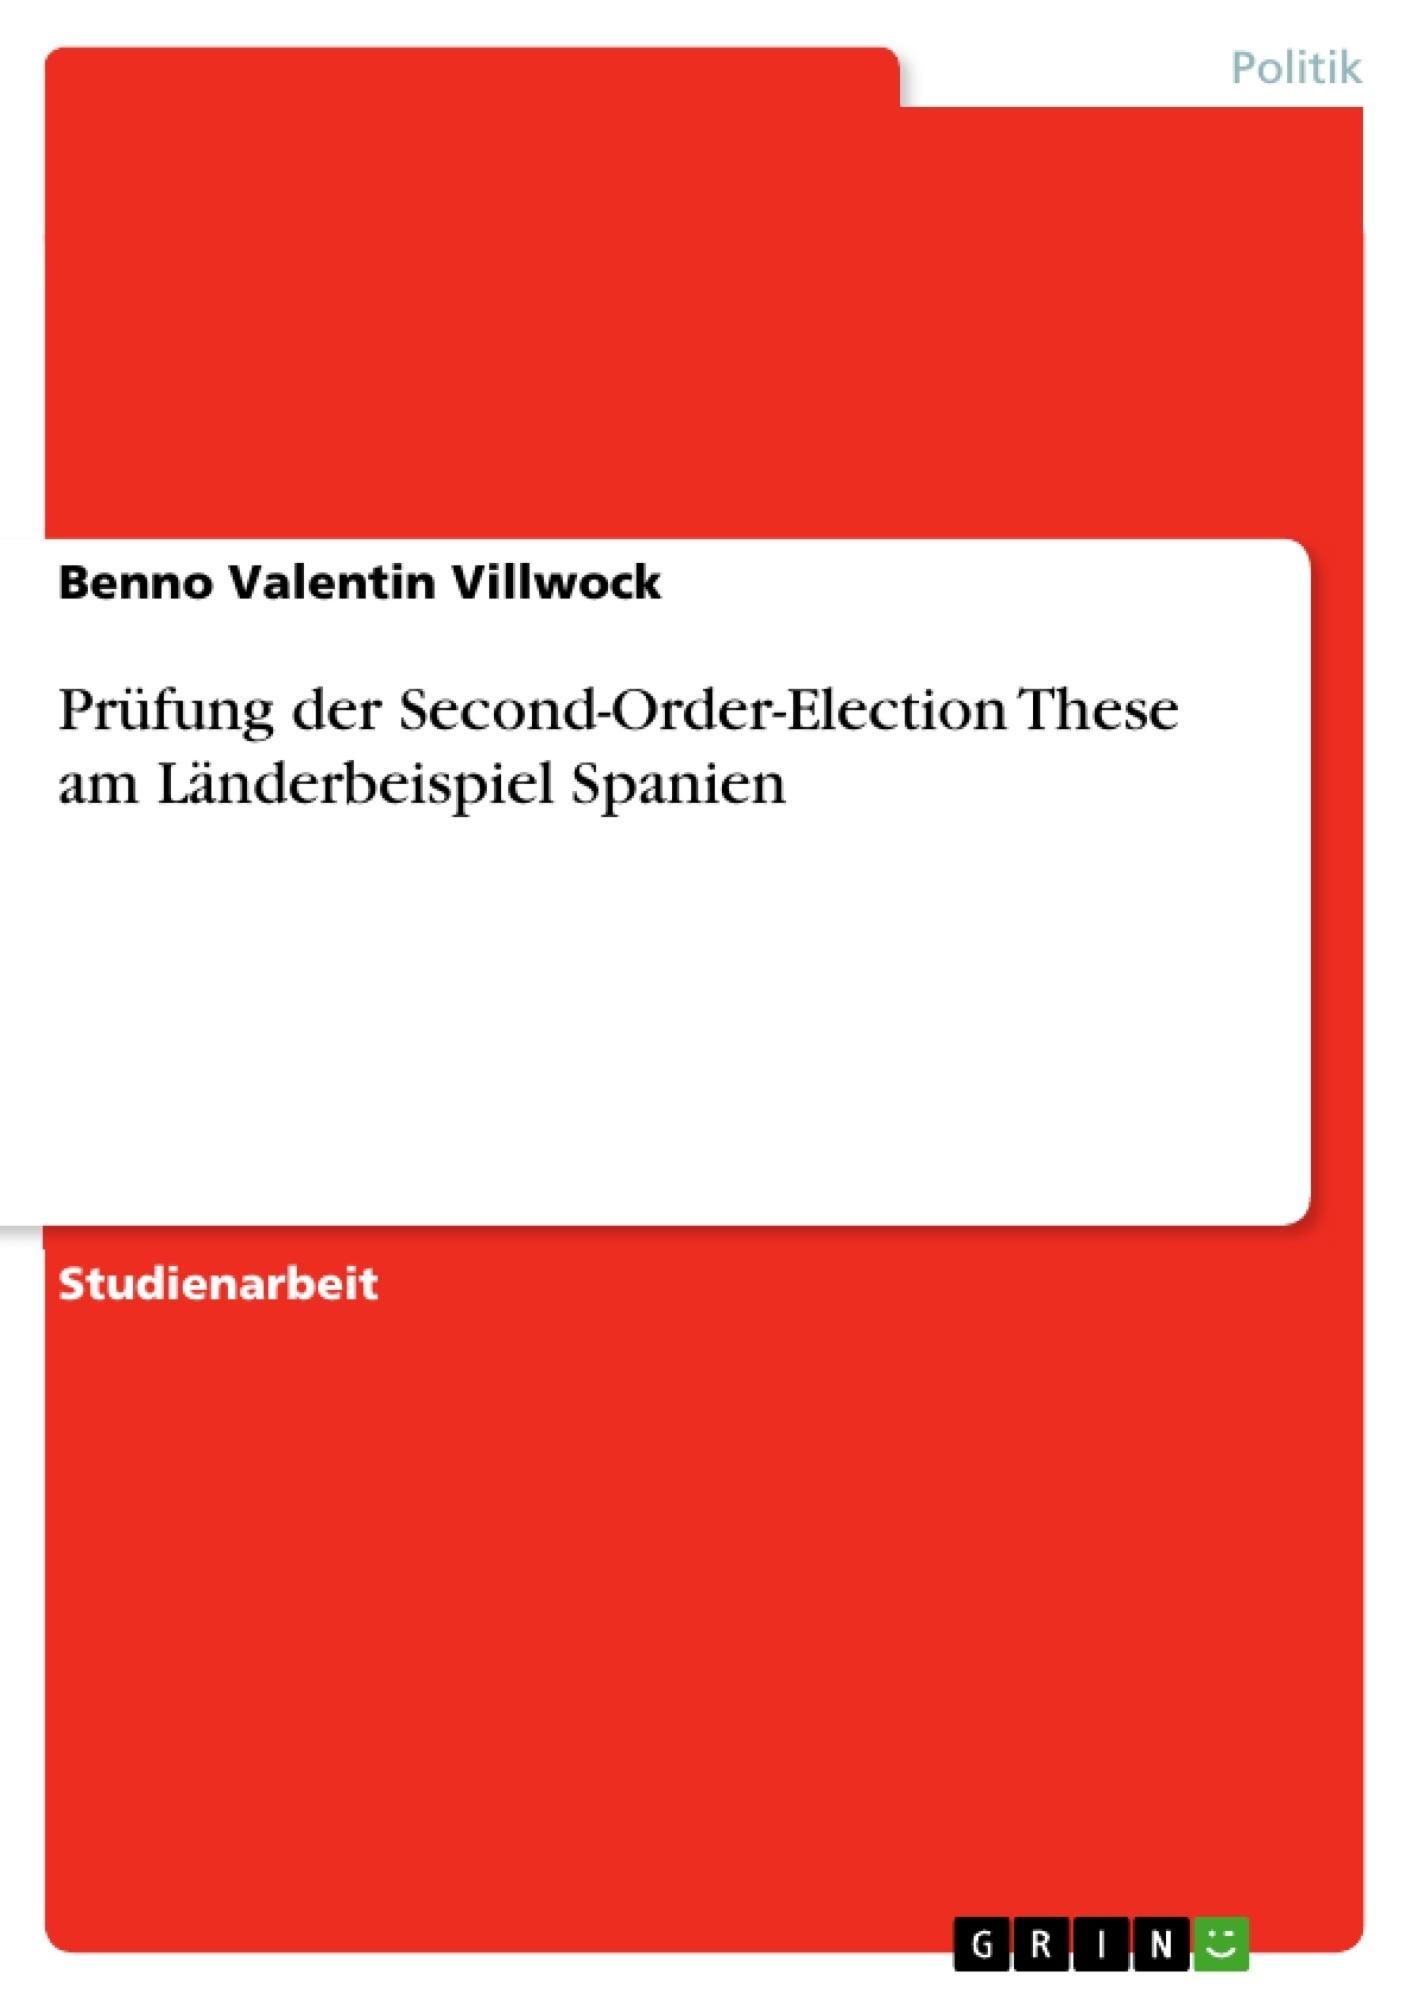 Titel: Prüfung der Second-Order-Election These am Länderbeispiel Spanien